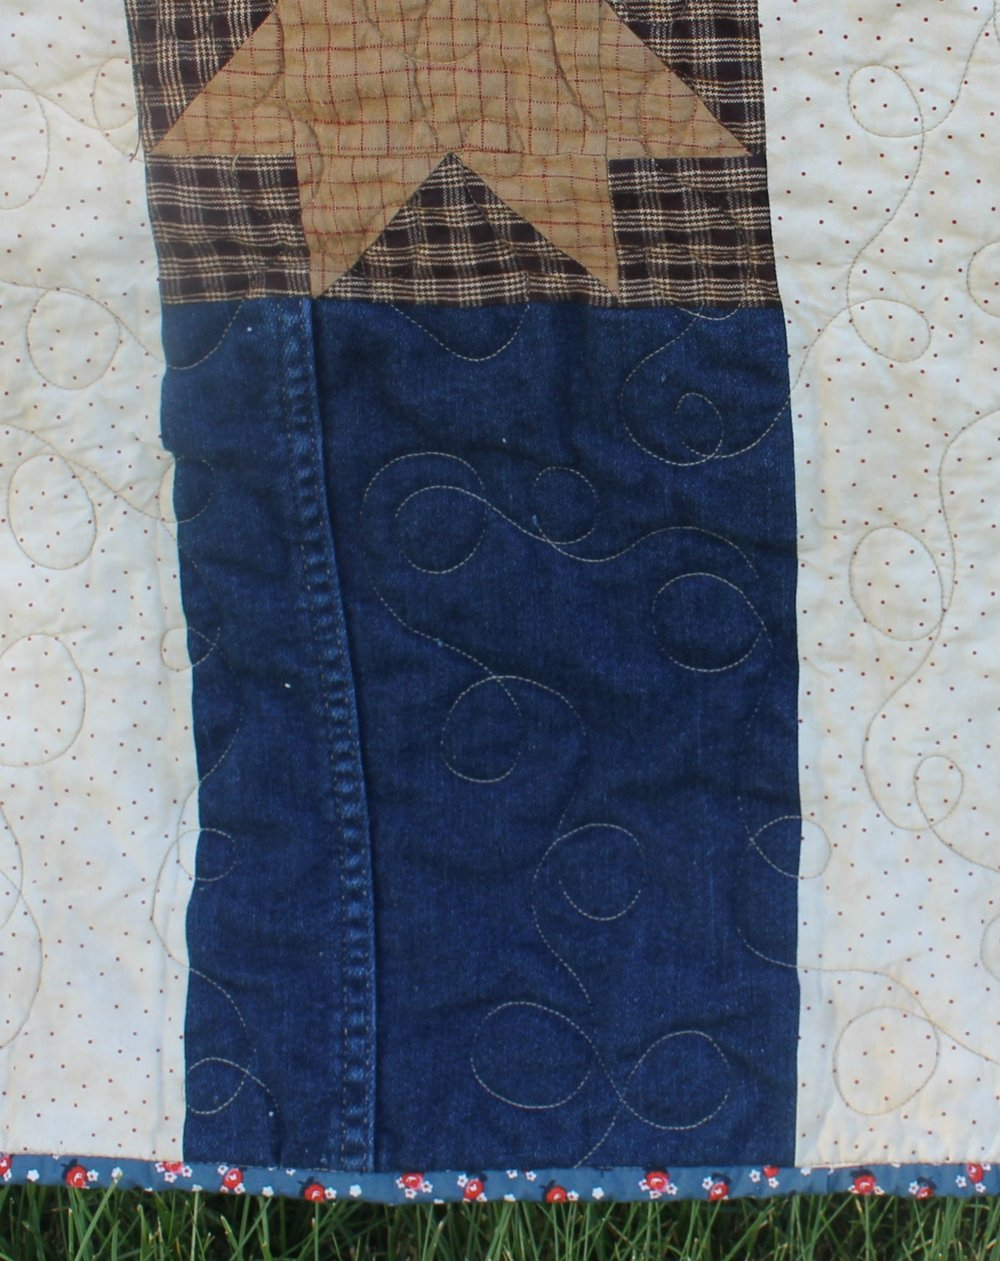 jeans_quilt_4